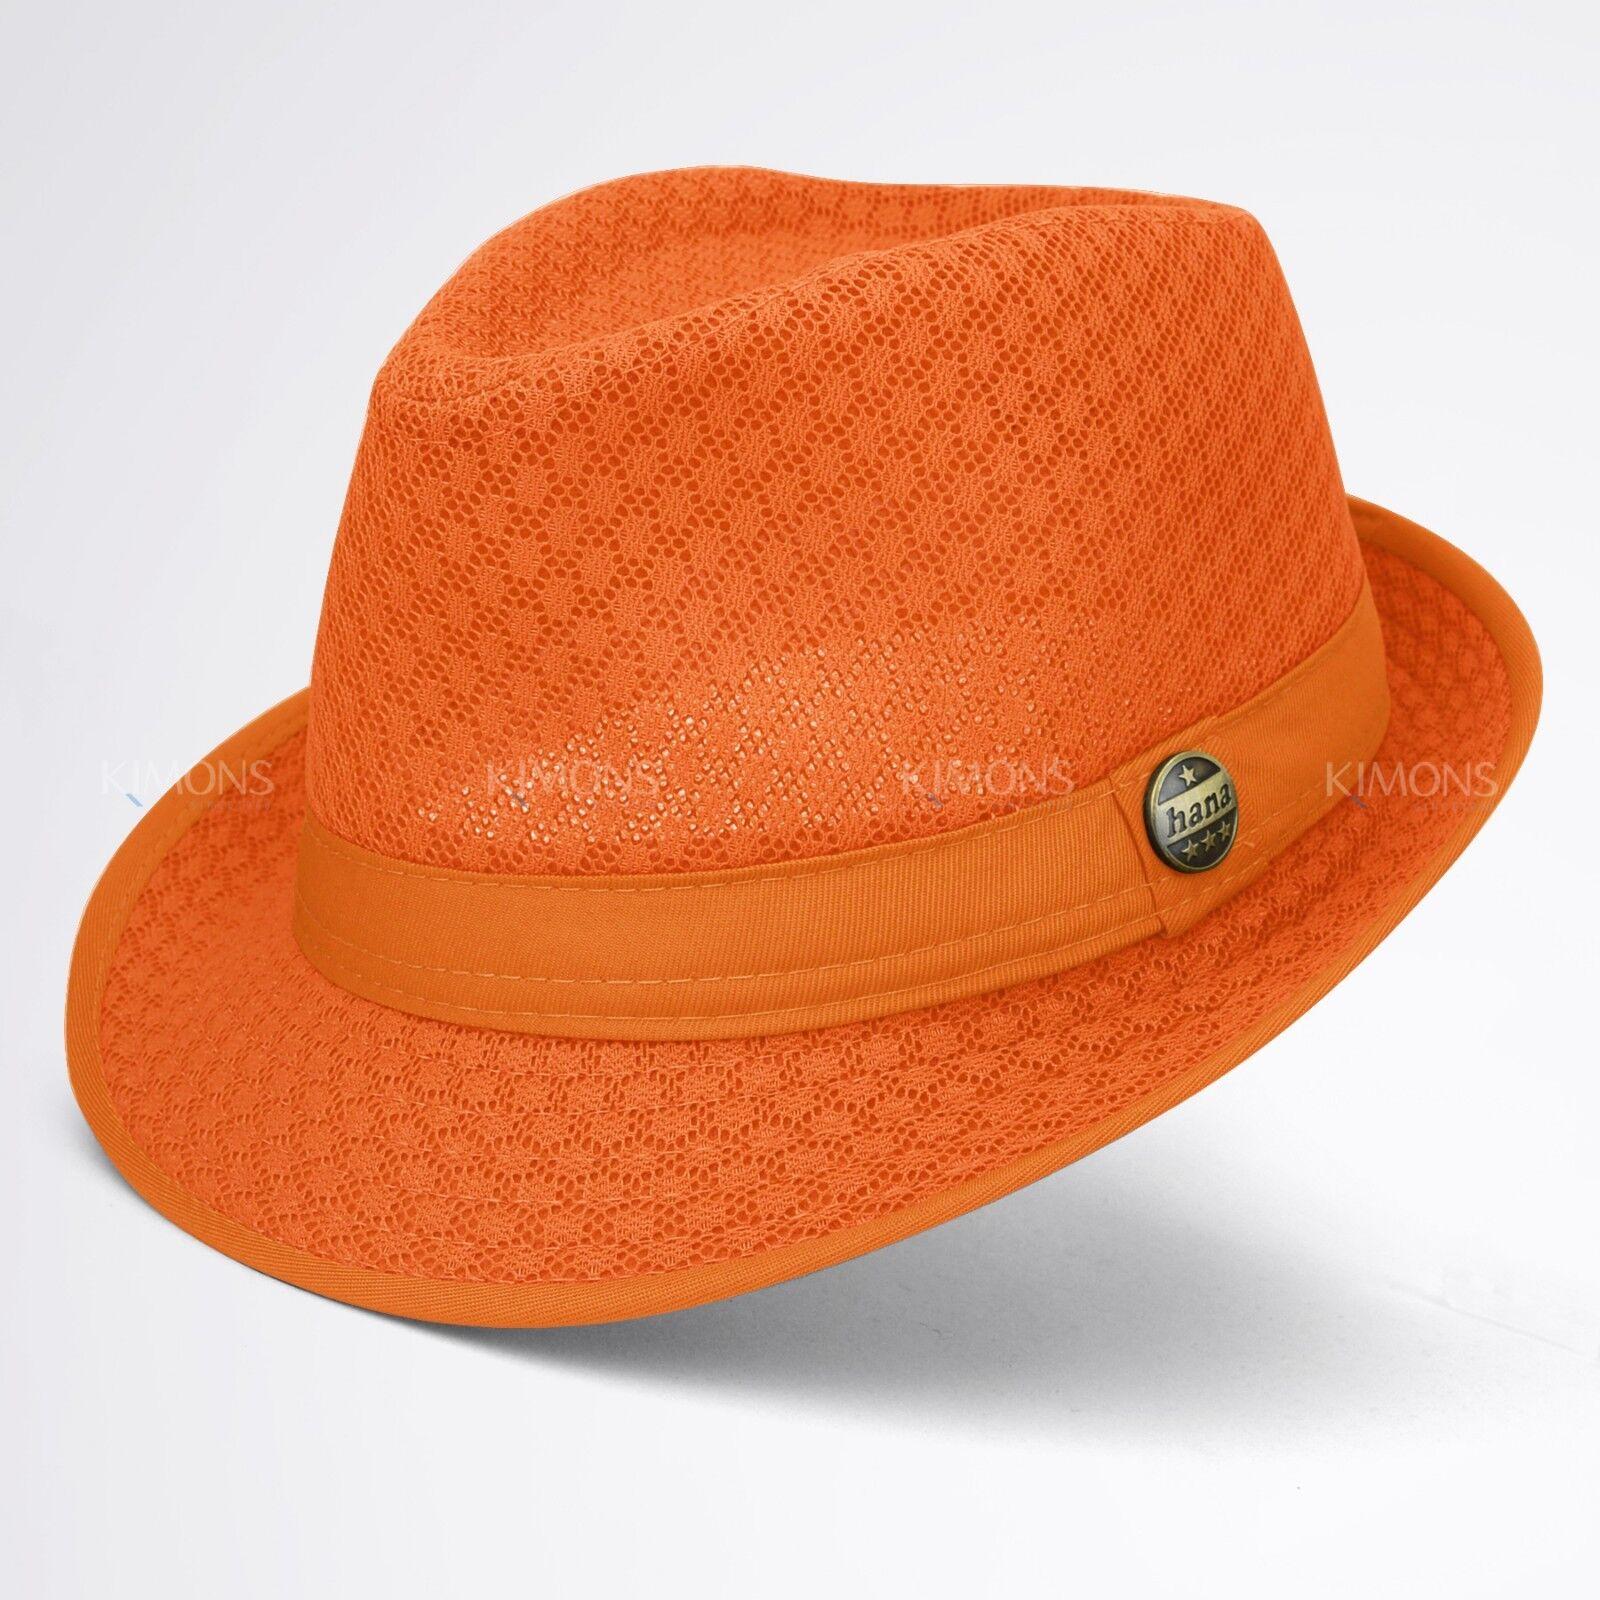 fdcc98546a6167 Light Weight Mesh Fedora hat Soft Cool Summer Classic Trilby Cuban Beach  Sun Cap